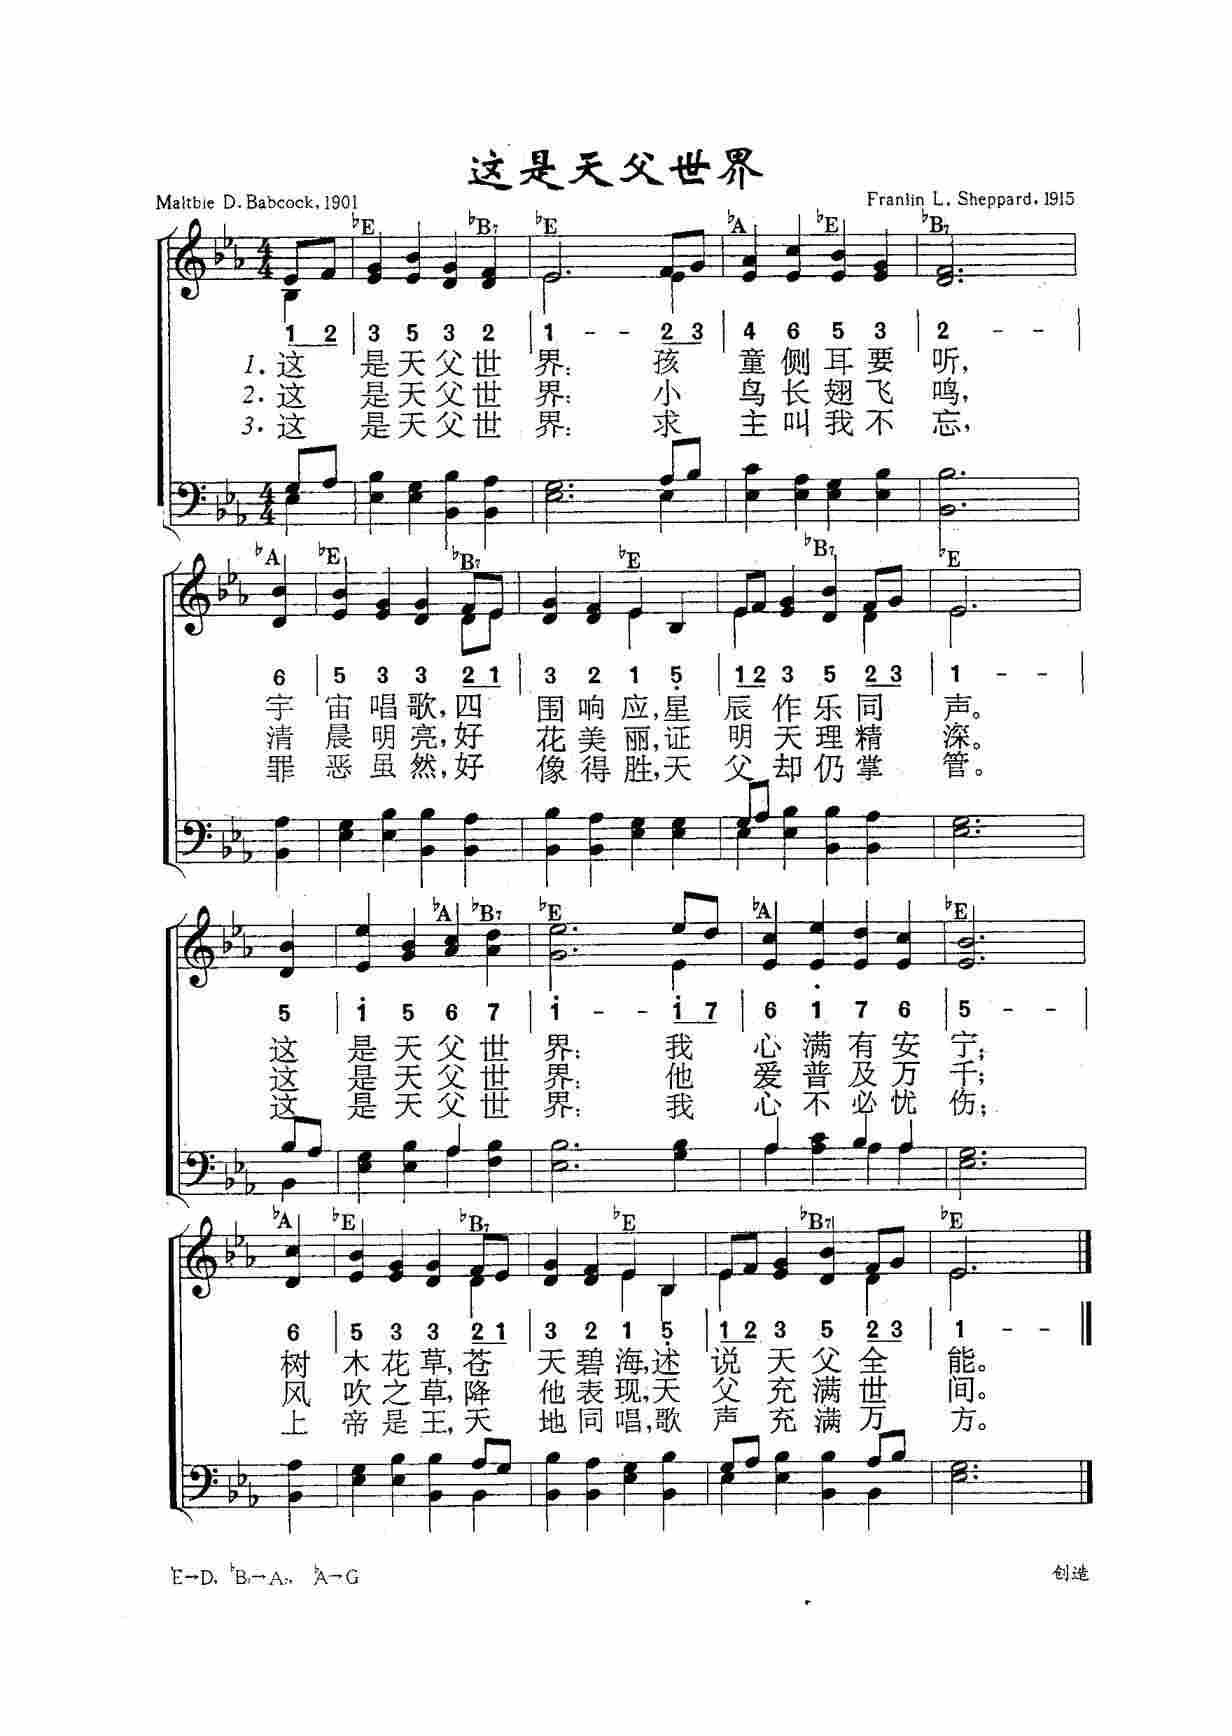 """第161首 -这是天父世界 提示:在曲谱上按右键选择""""图片另存为"""",可以将"""